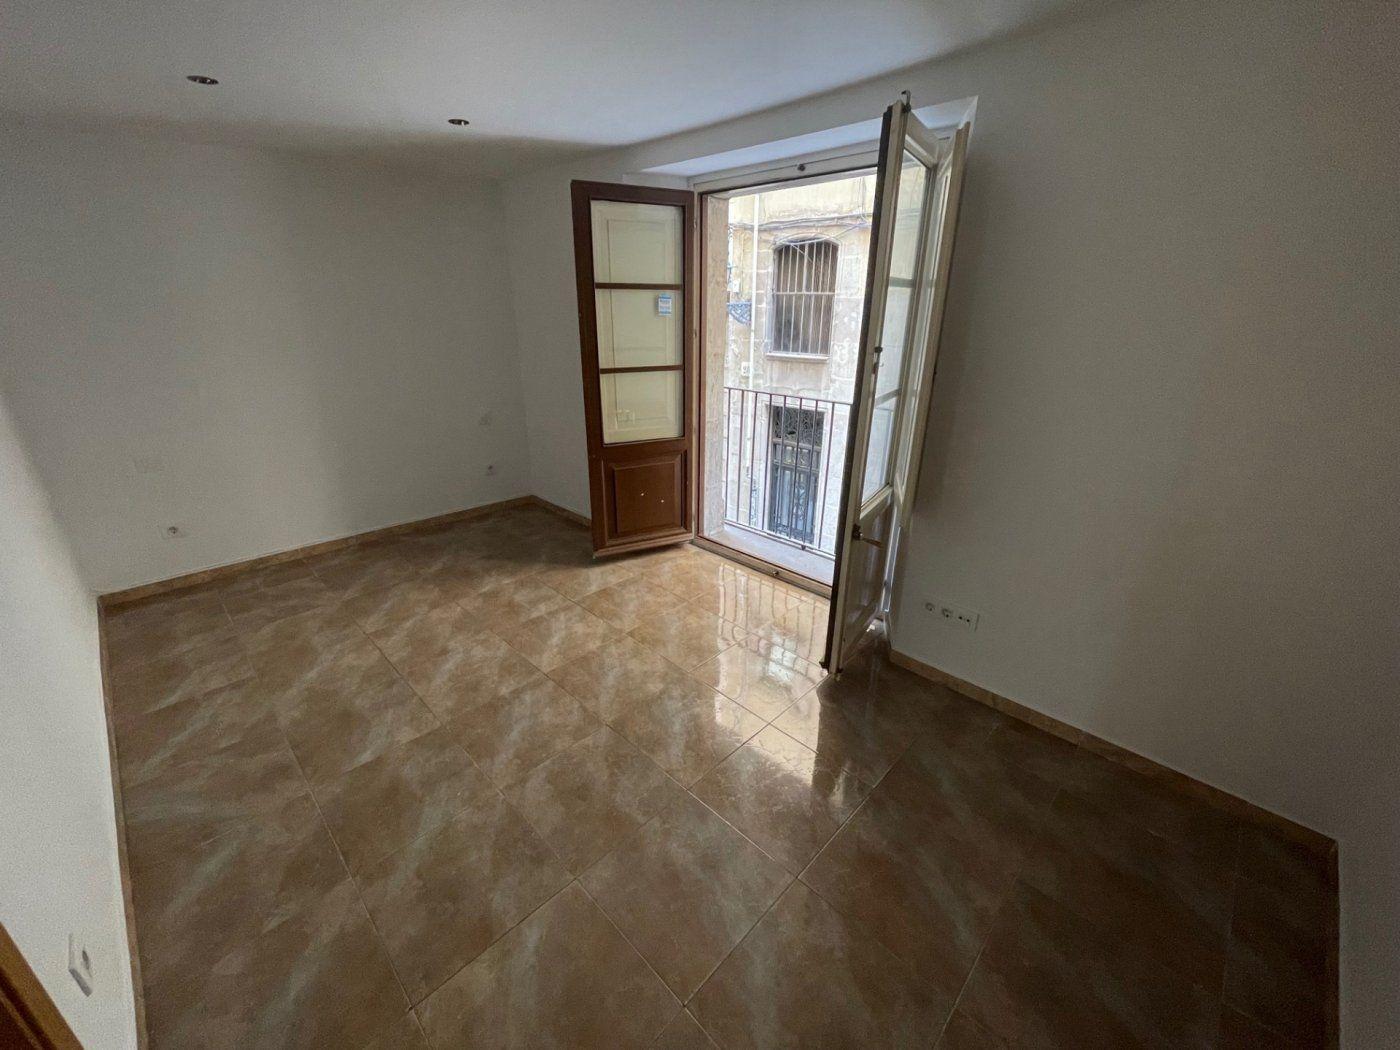 (Español) Piso de tres habitaciones junta a plaza Sant Jaume